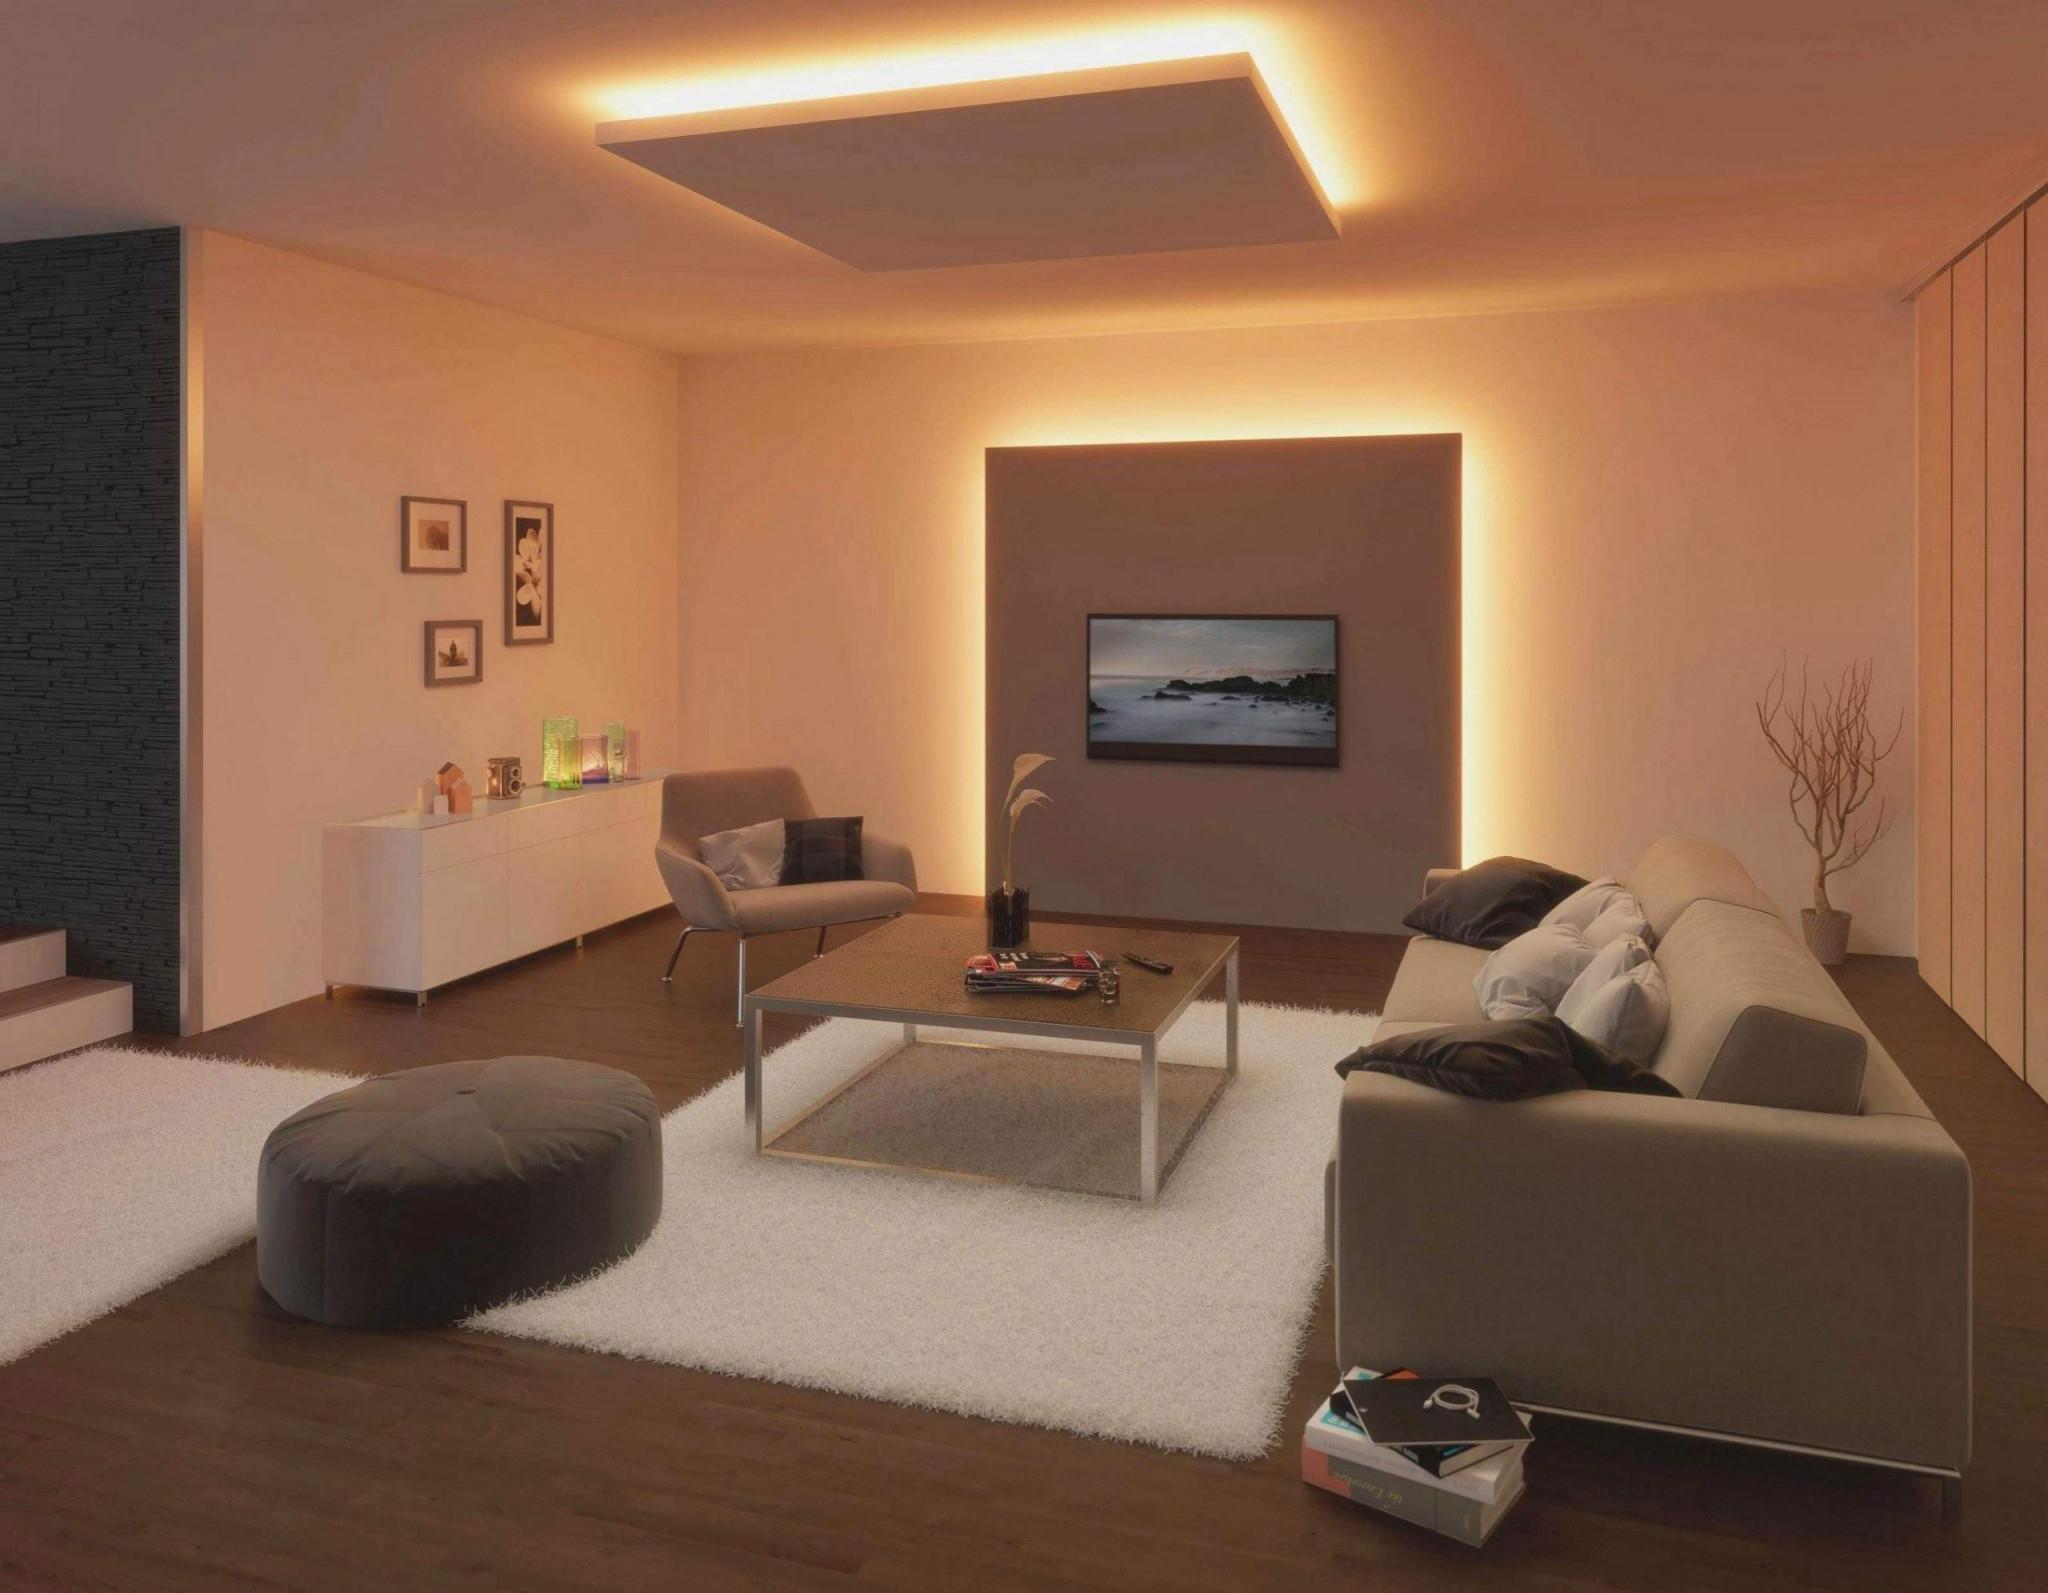 38 Luxus Ikea Lampen Wohnzimmer Reizend  Wohnzimmer Frisch von Gemütliche Wohnzimmer Lampe Photo